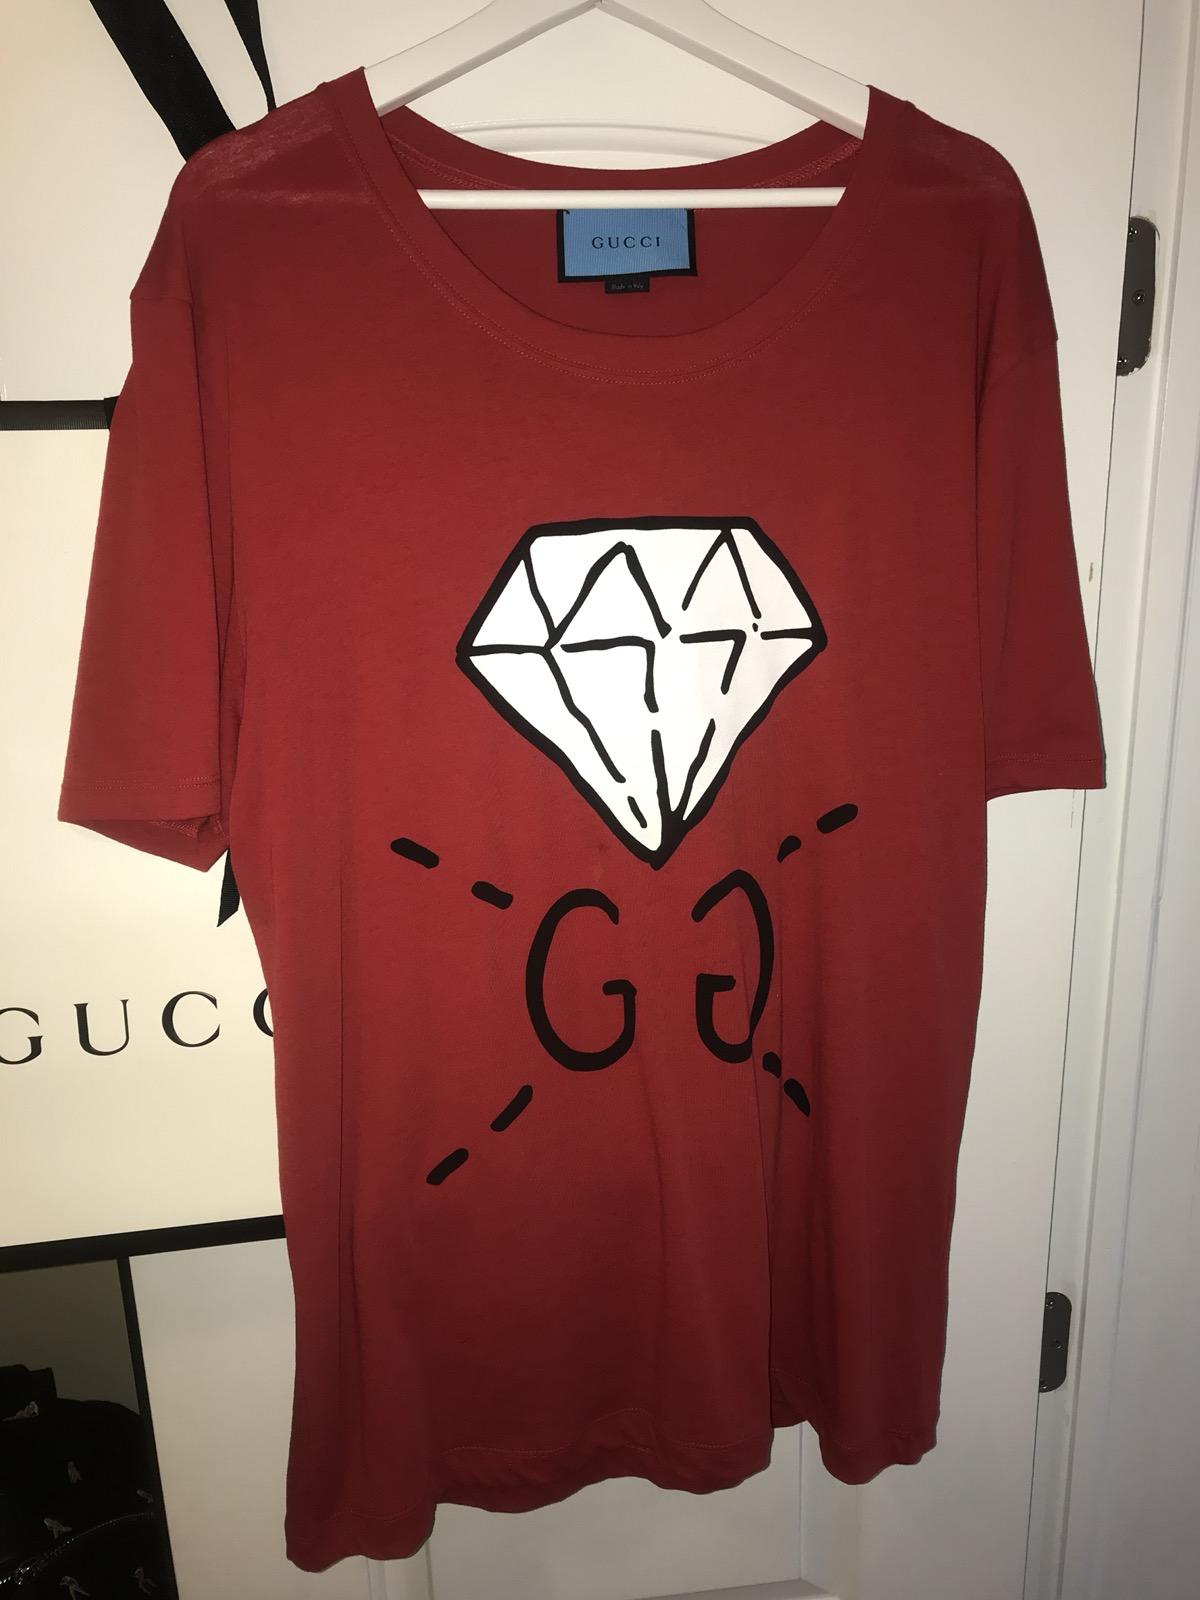 070ad1343a9 Gucci ×. GUCCI GucciGhost GG Diamond T-shirt  450